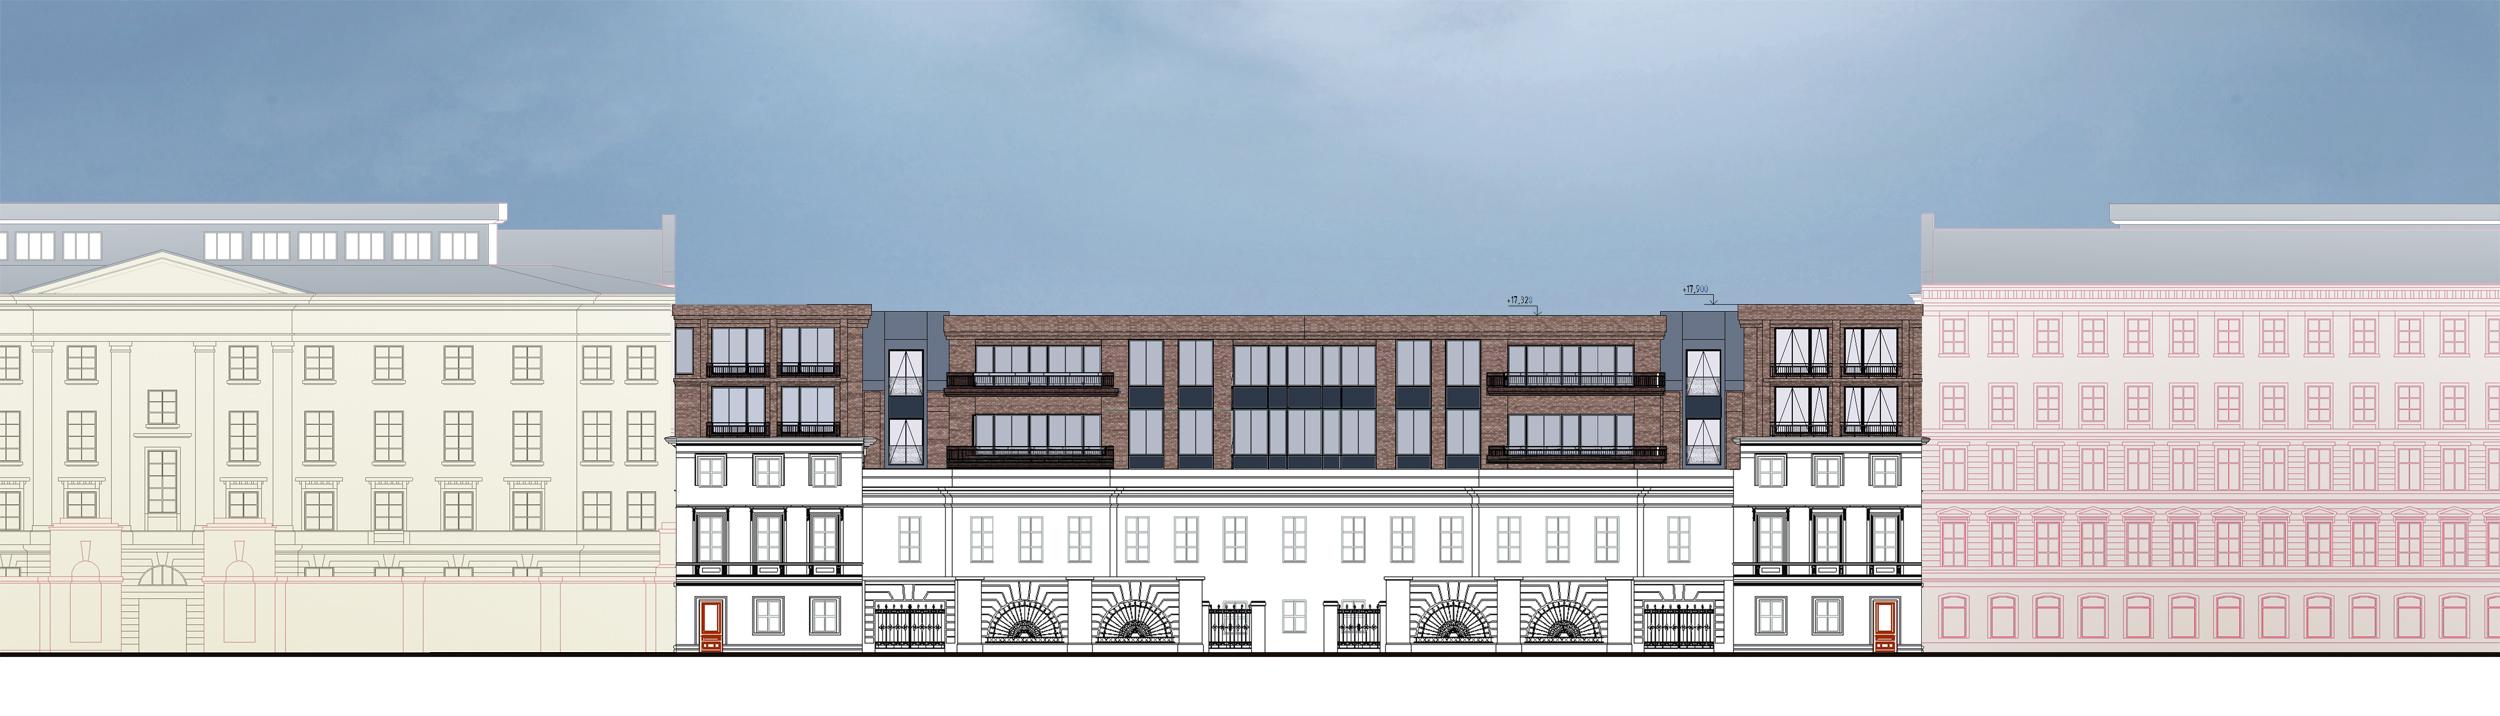 Концепция достройки фасада исторического здания фото f_4405c098b857eae5.jpg